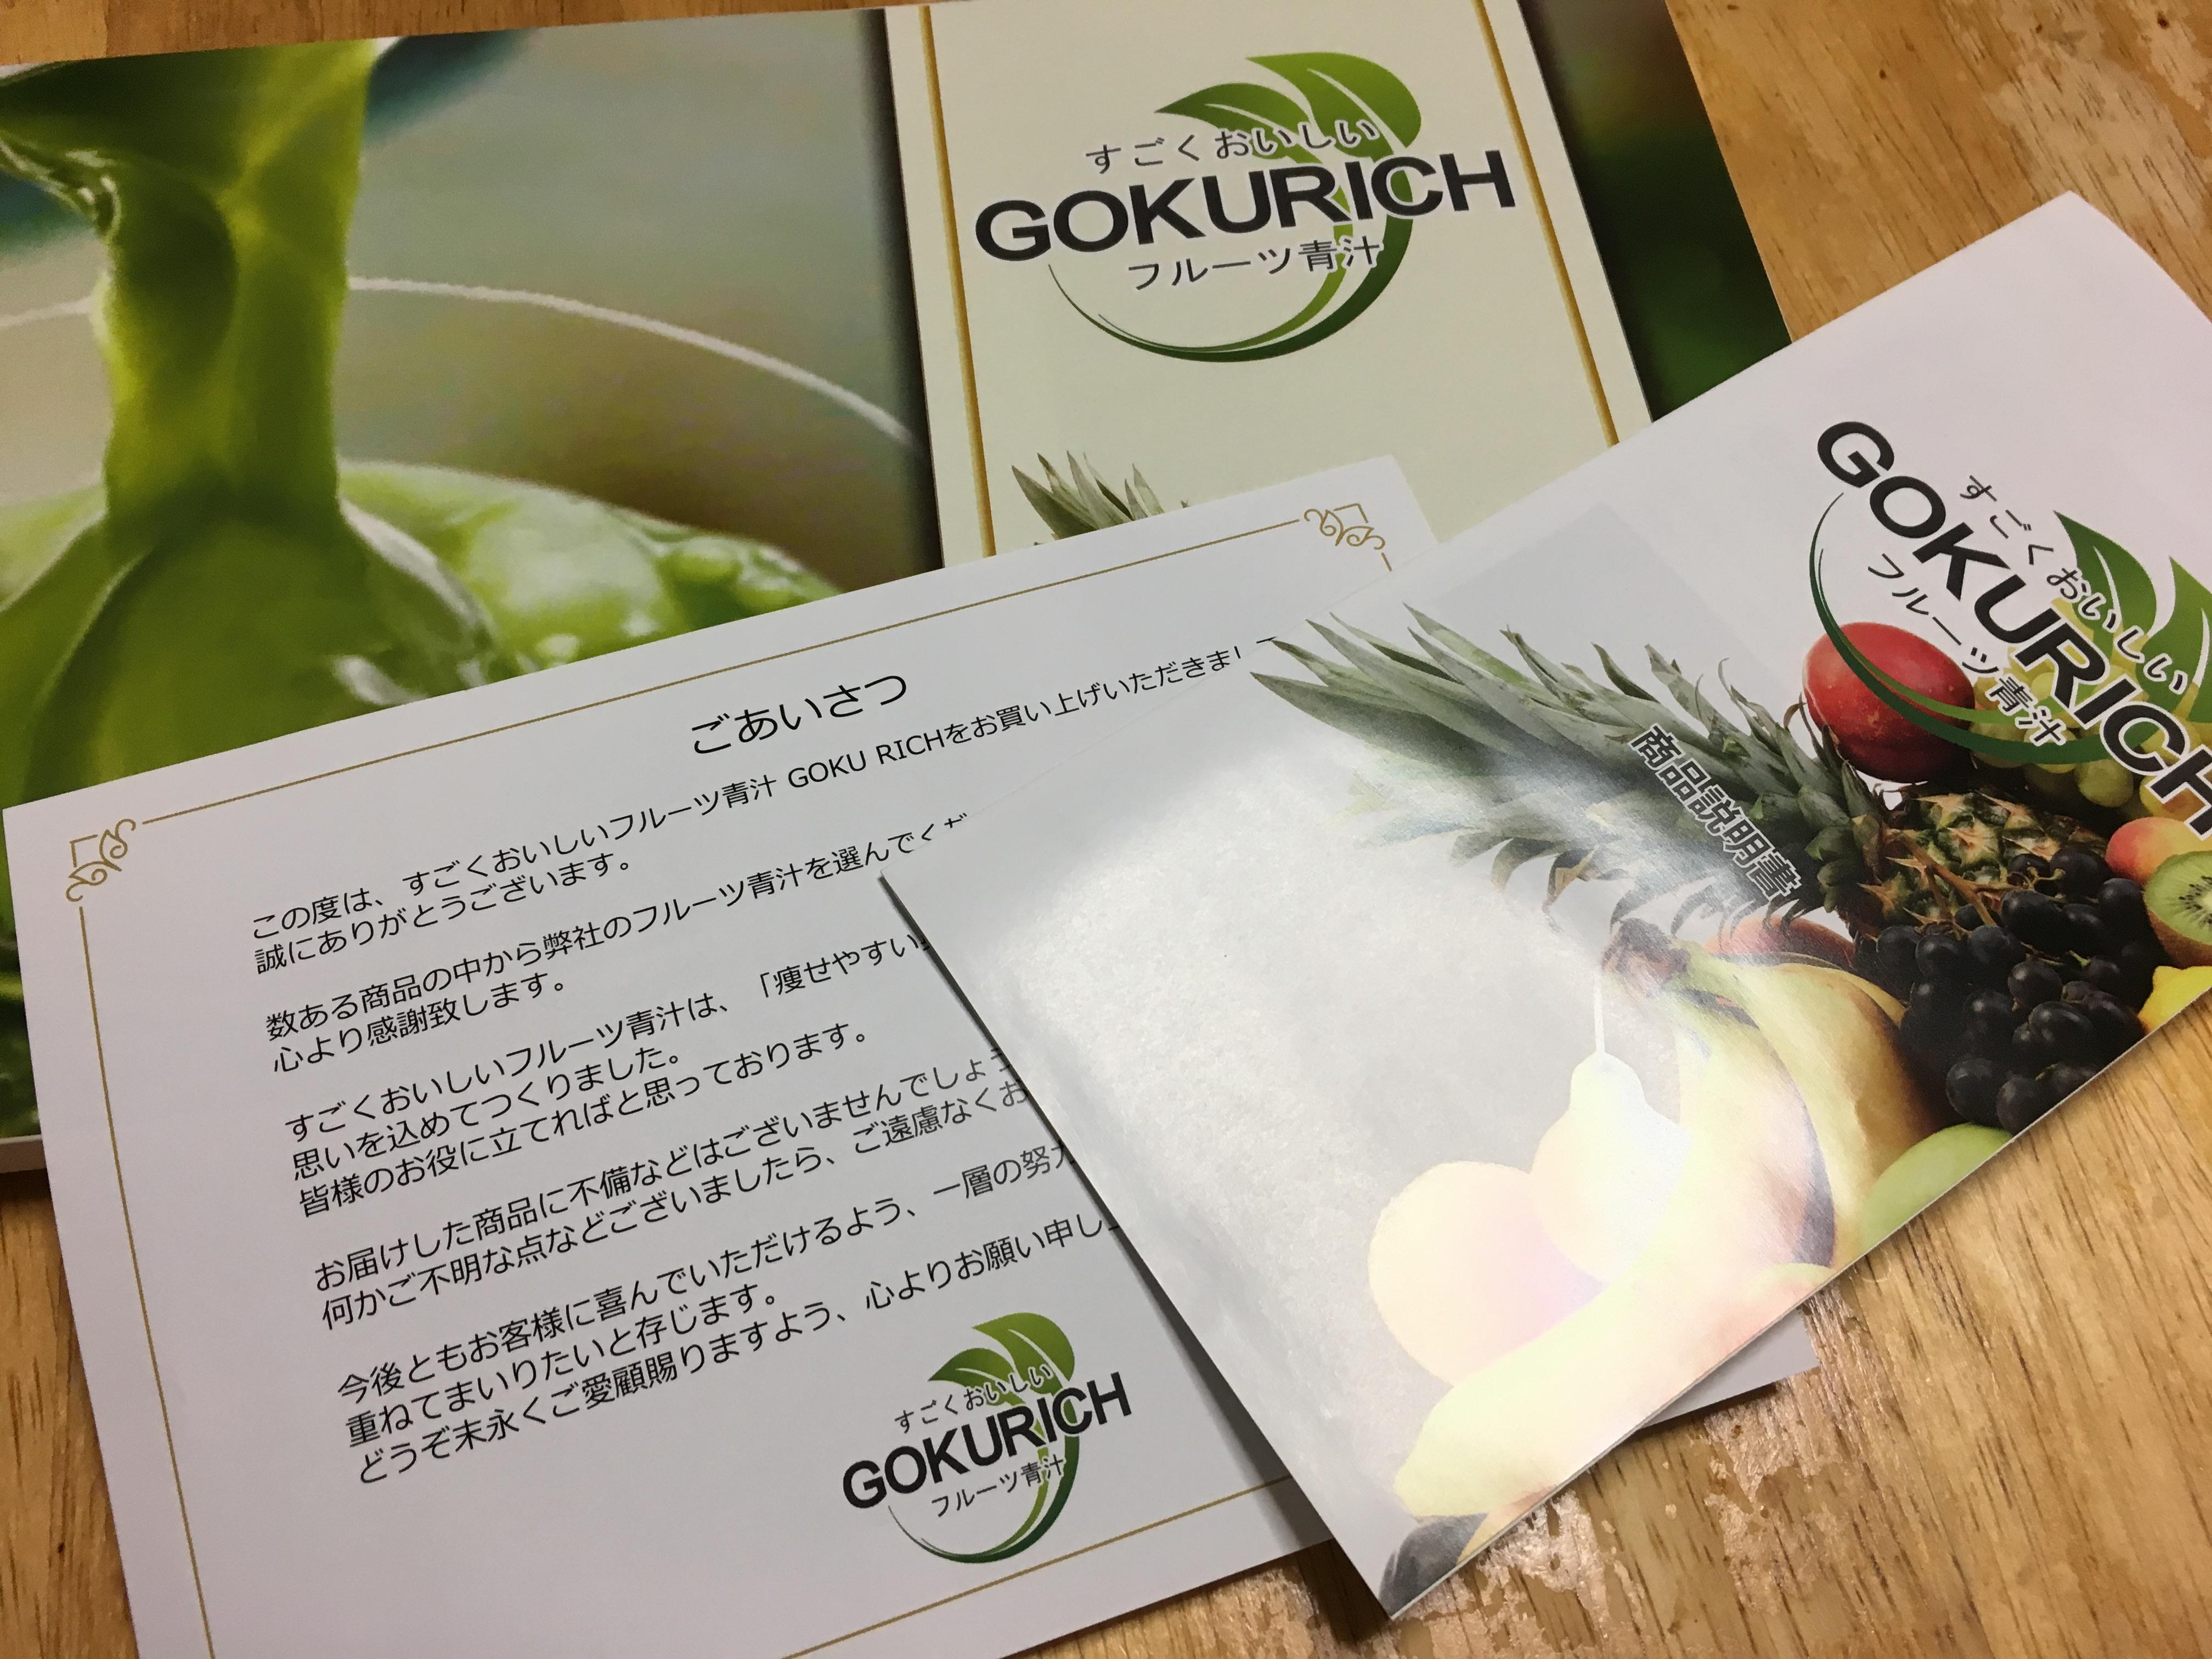 すごくおいしい フルーツ青汁 GOKURICH